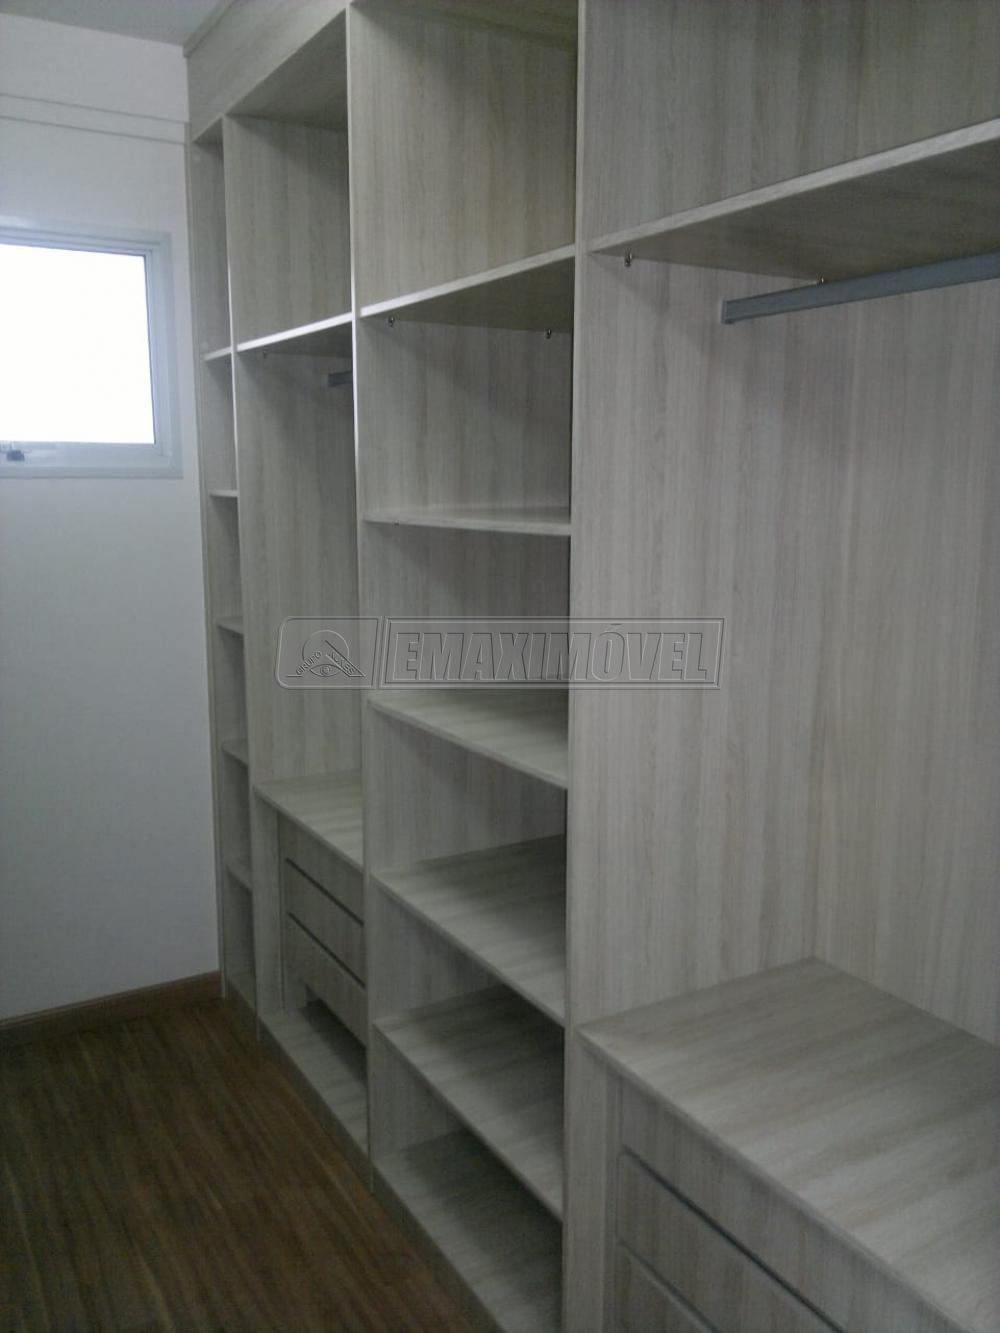 Comprar Apartamentos / Apto Padrão em Sorocaba apenas R$ 850.000,00 - Foto 3